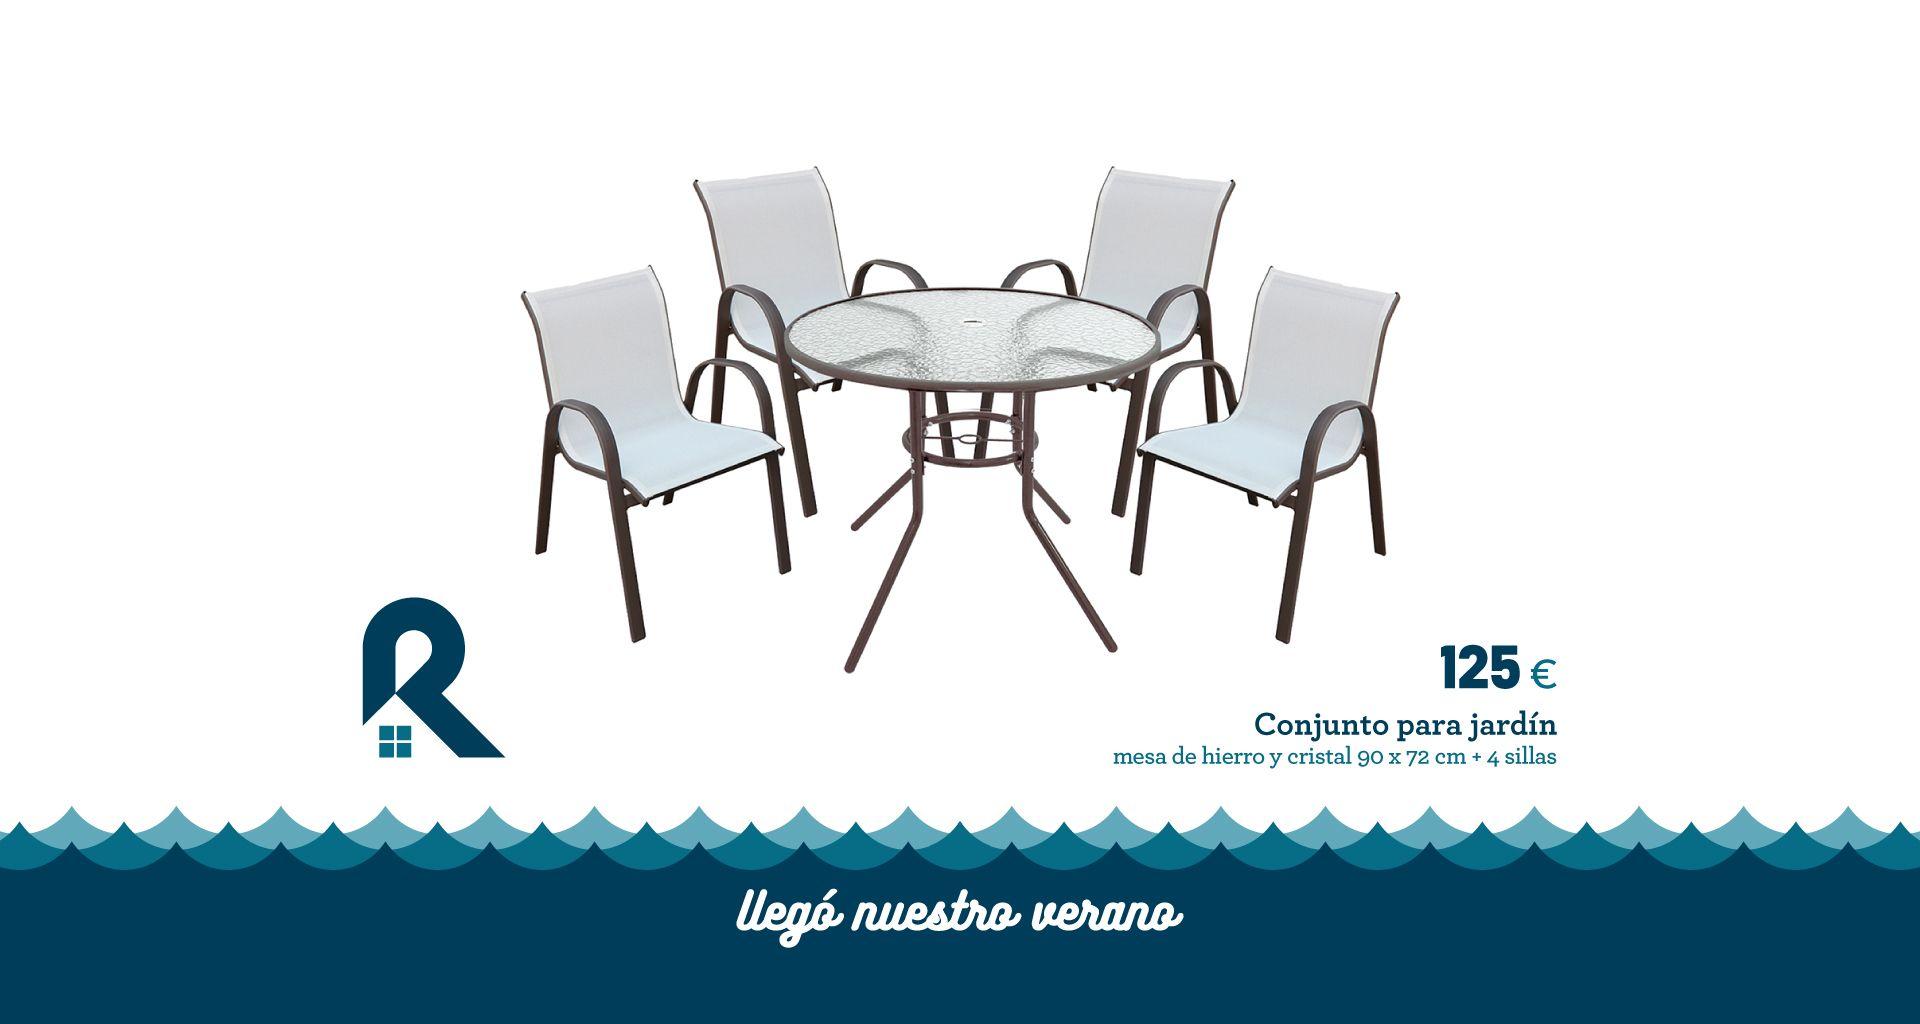 conjunto jardín mesa hierro cristal sillas